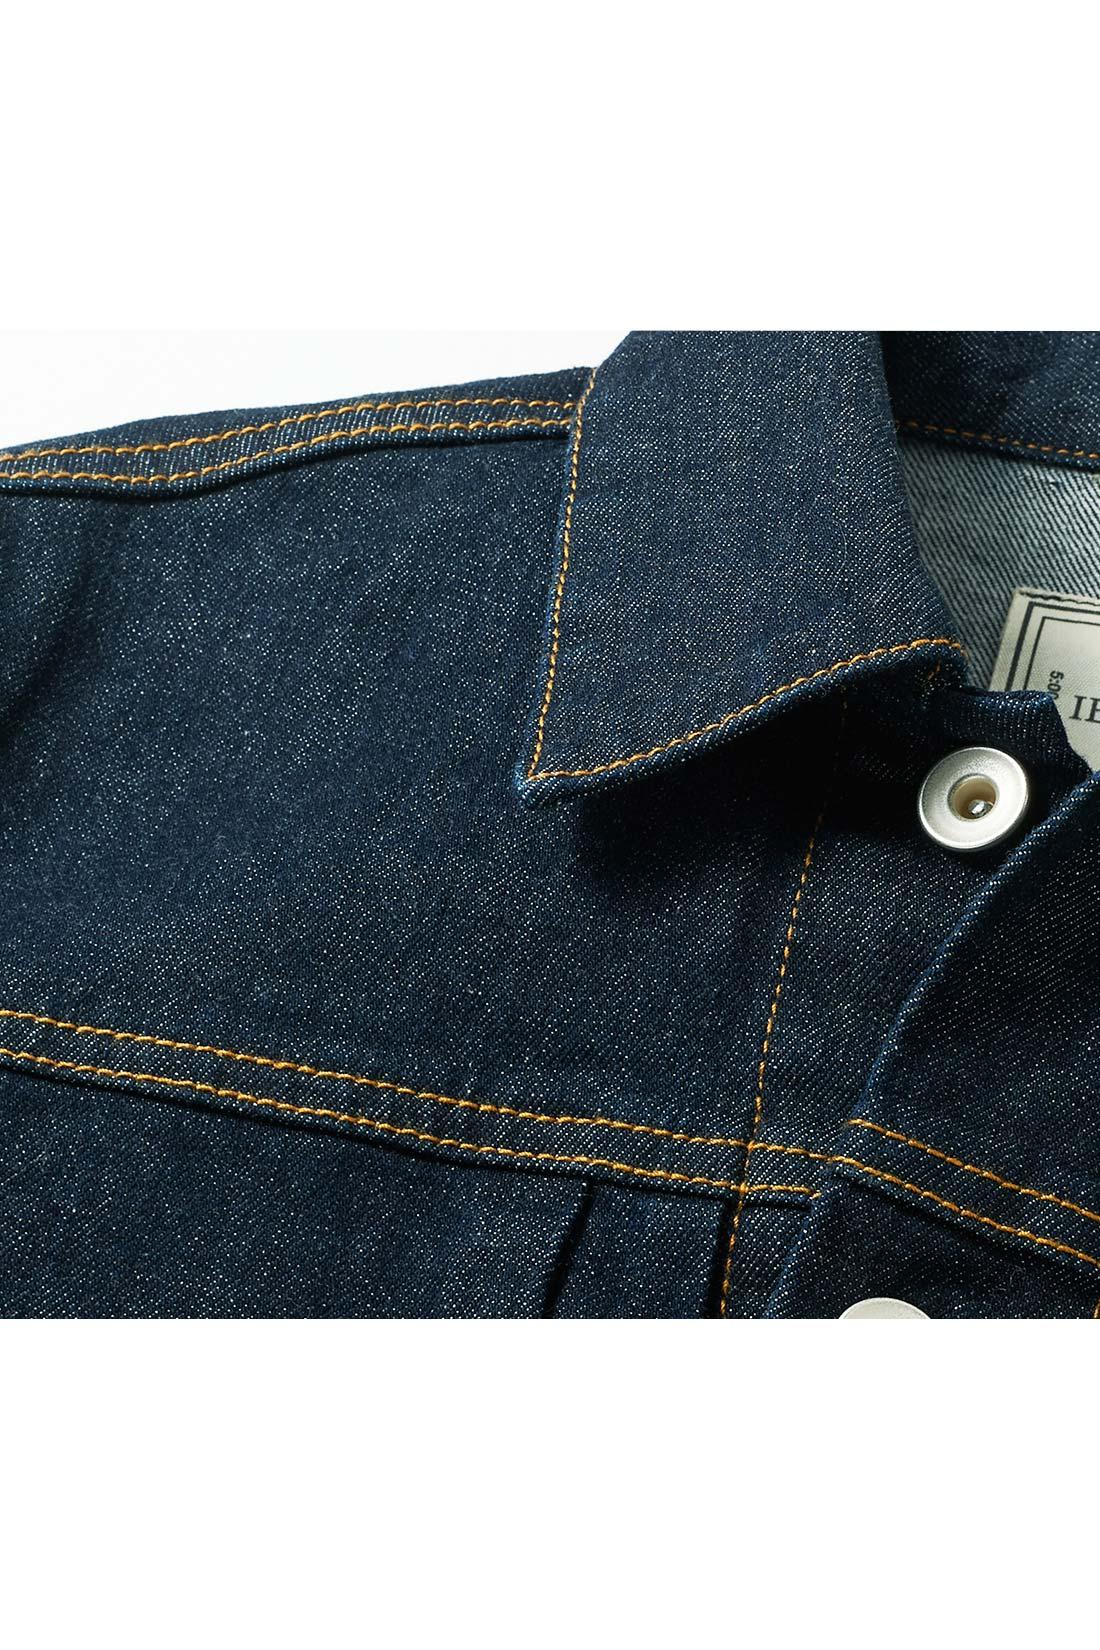 パーツごとにステッチを変更 衿もとはシングルステッチでスマートに、切り替えやヨークはダブルステッチに、と変化をつけて、上品さとカジュアルさのバランスを絶妙に調整。